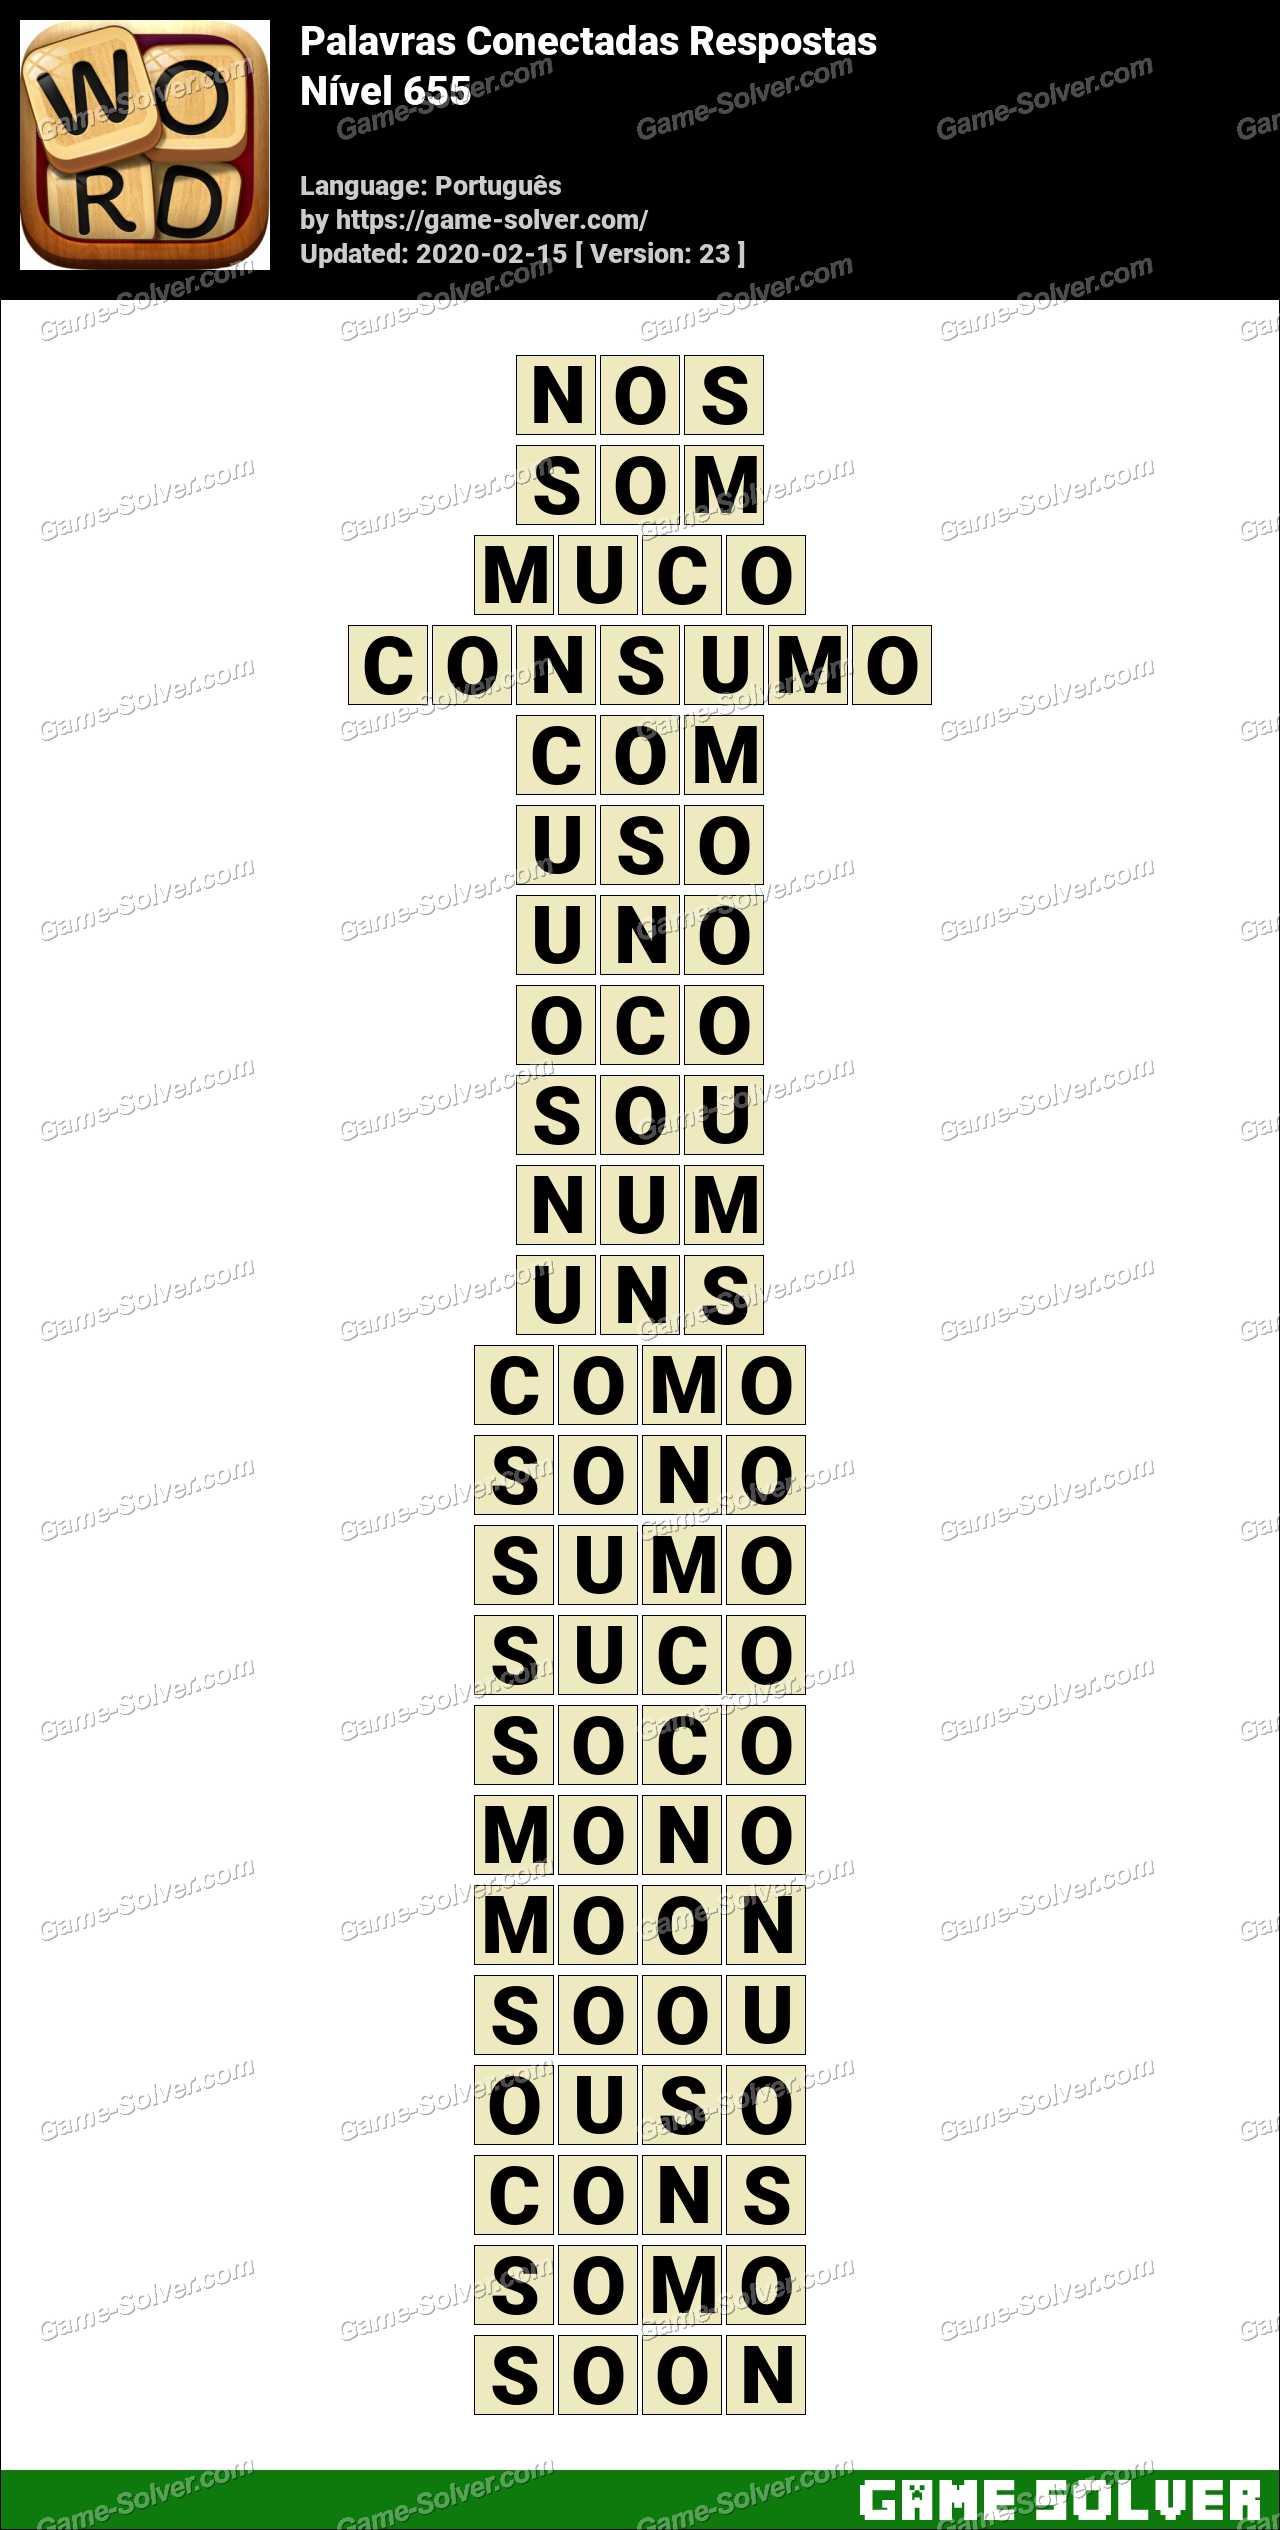 Palavras Conectadas Nivel 655 Respostas